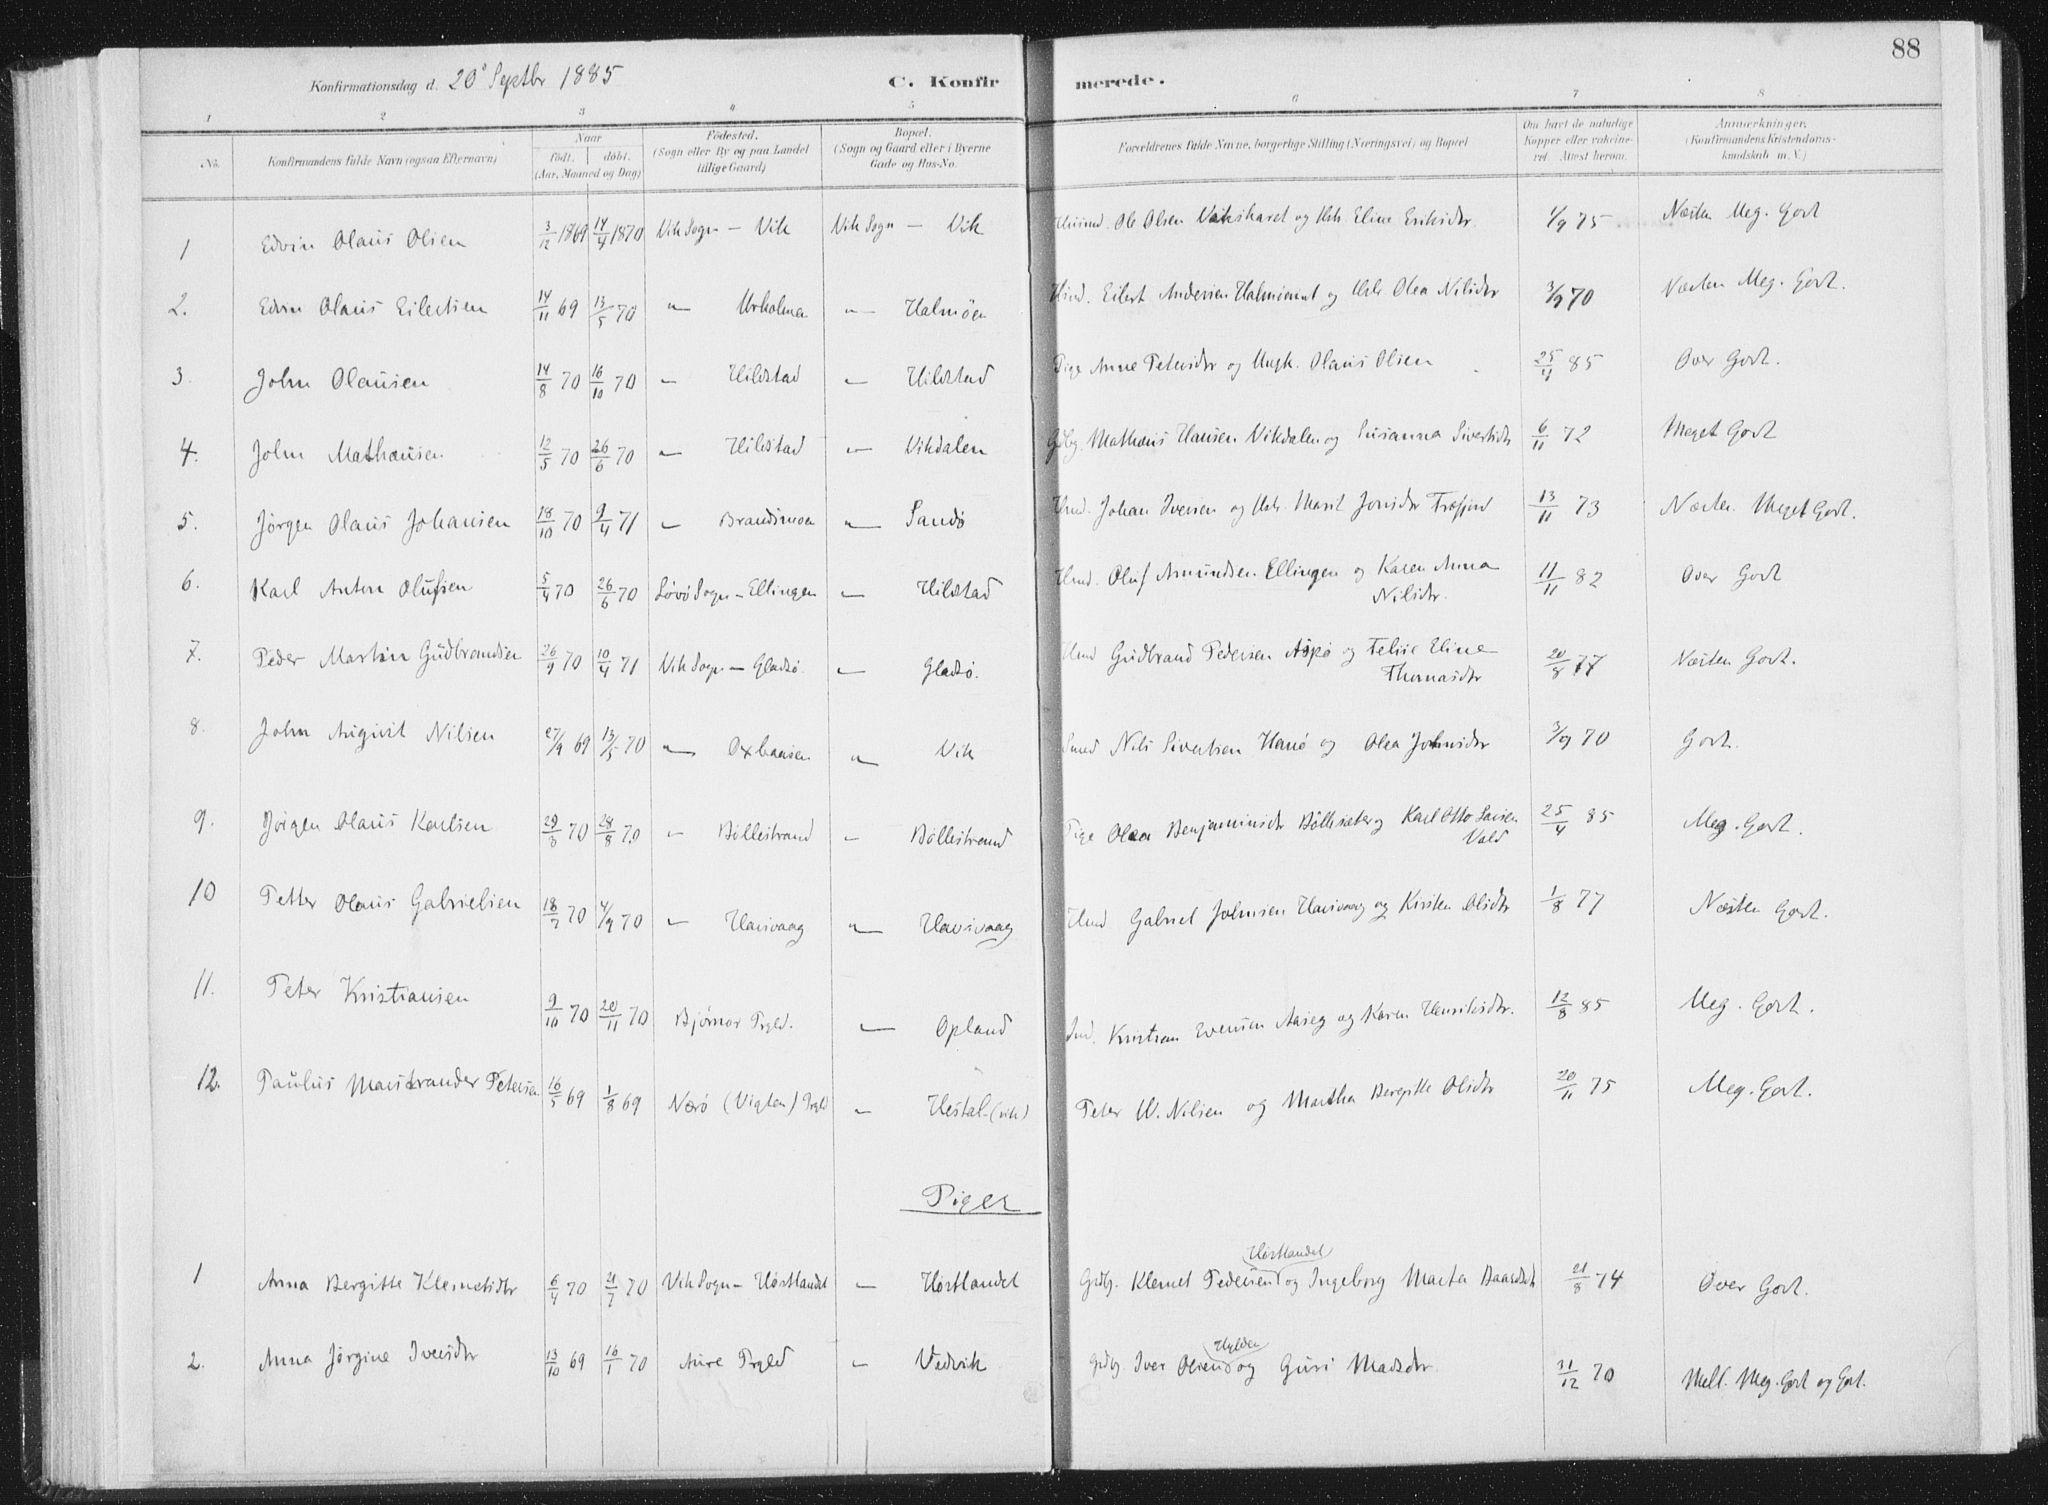 SAT, Ministerialprotokoller, klokkerbøker og fødselsregistre - Nord-Trøndelag, 771/L0597: Ministerialbok nr. 771A04, 1885-1910, s. 88